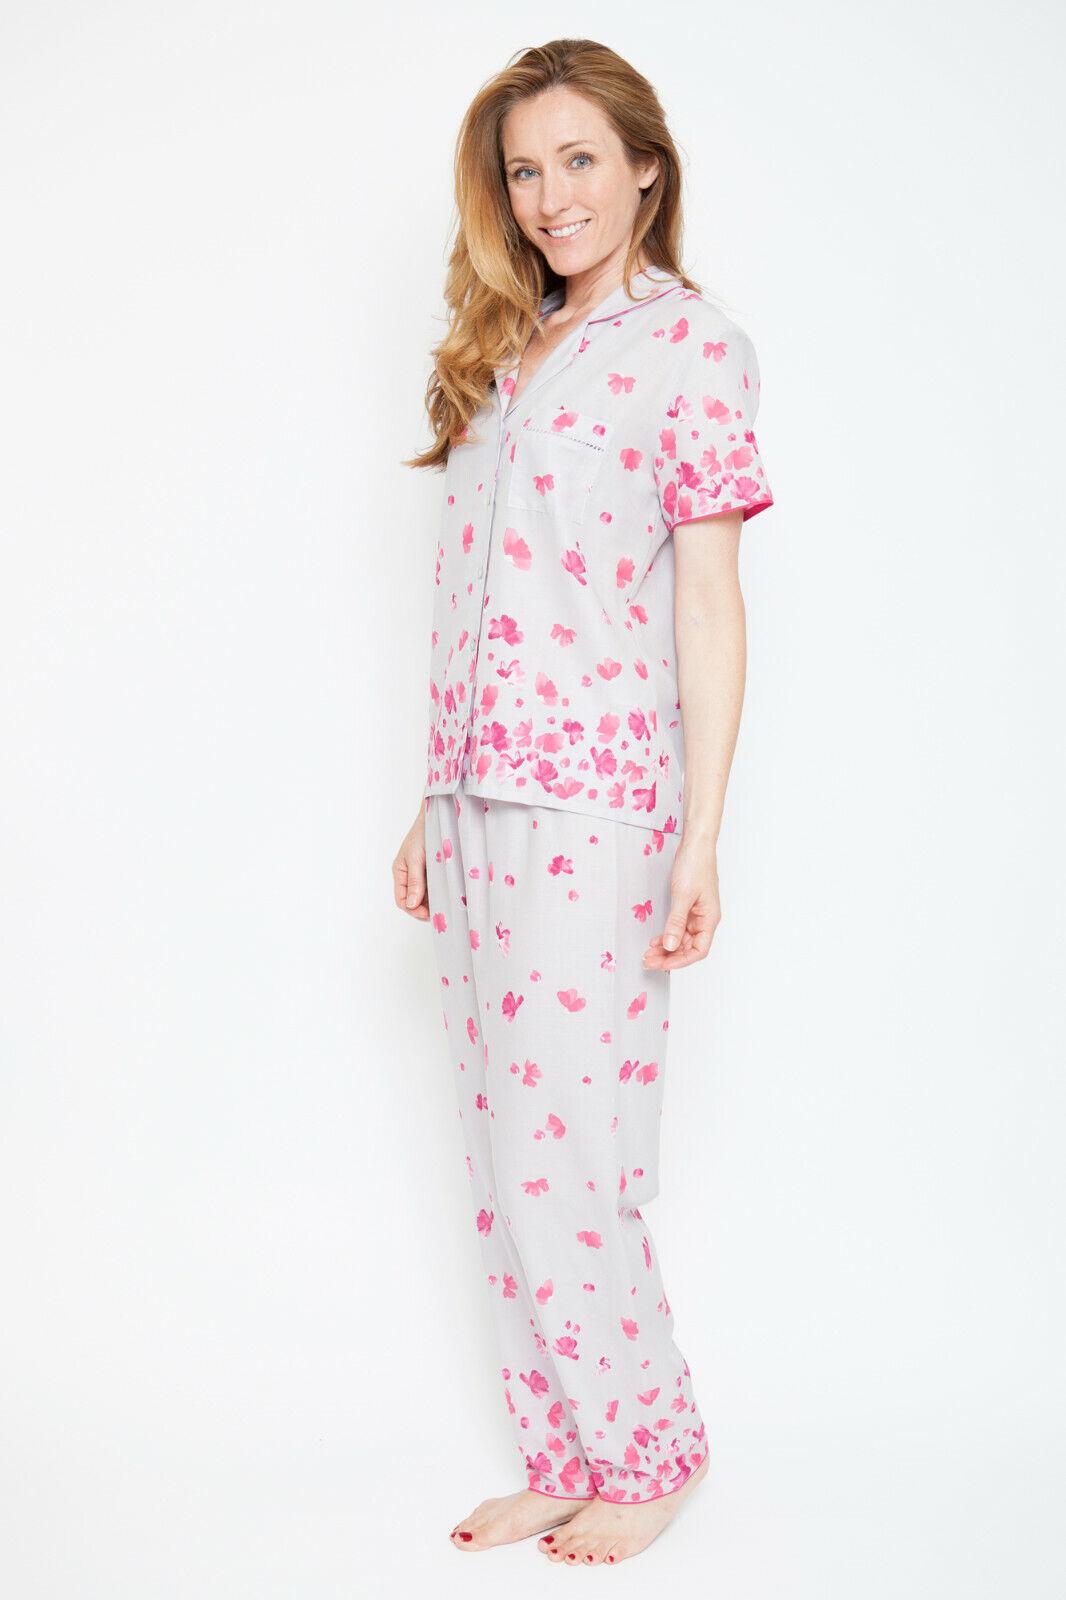 'Ivy' Vintage Petal Short Sleeve Pyjama Set - Nora pink by Cyberjammies (1300)